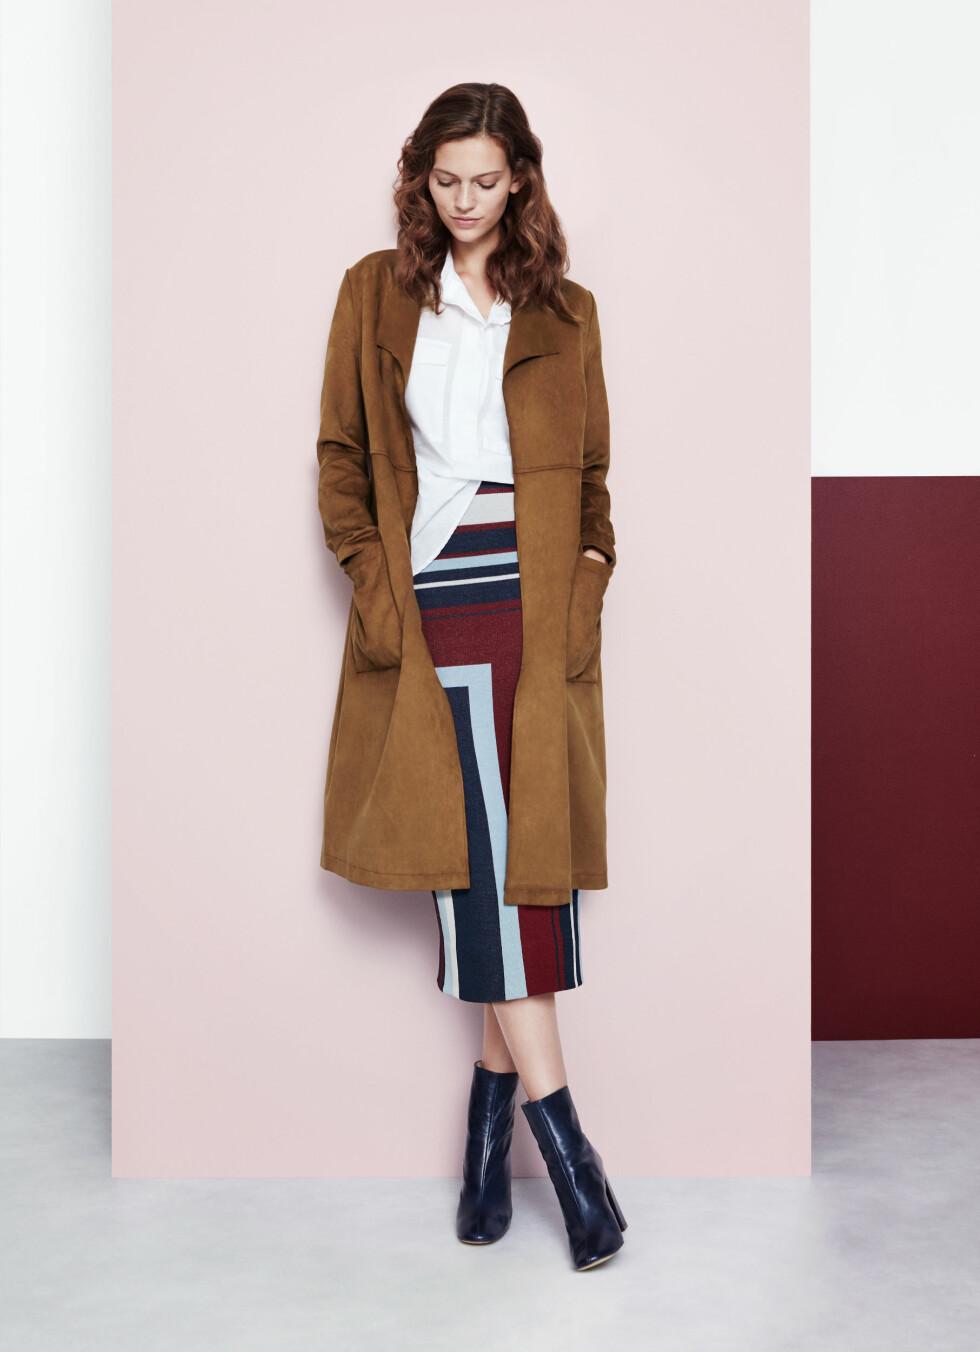 Statementplagg - som dette skjørtet, kan kombineres med enkle, stilrene klær og accessoirer.  Foto: Lindex